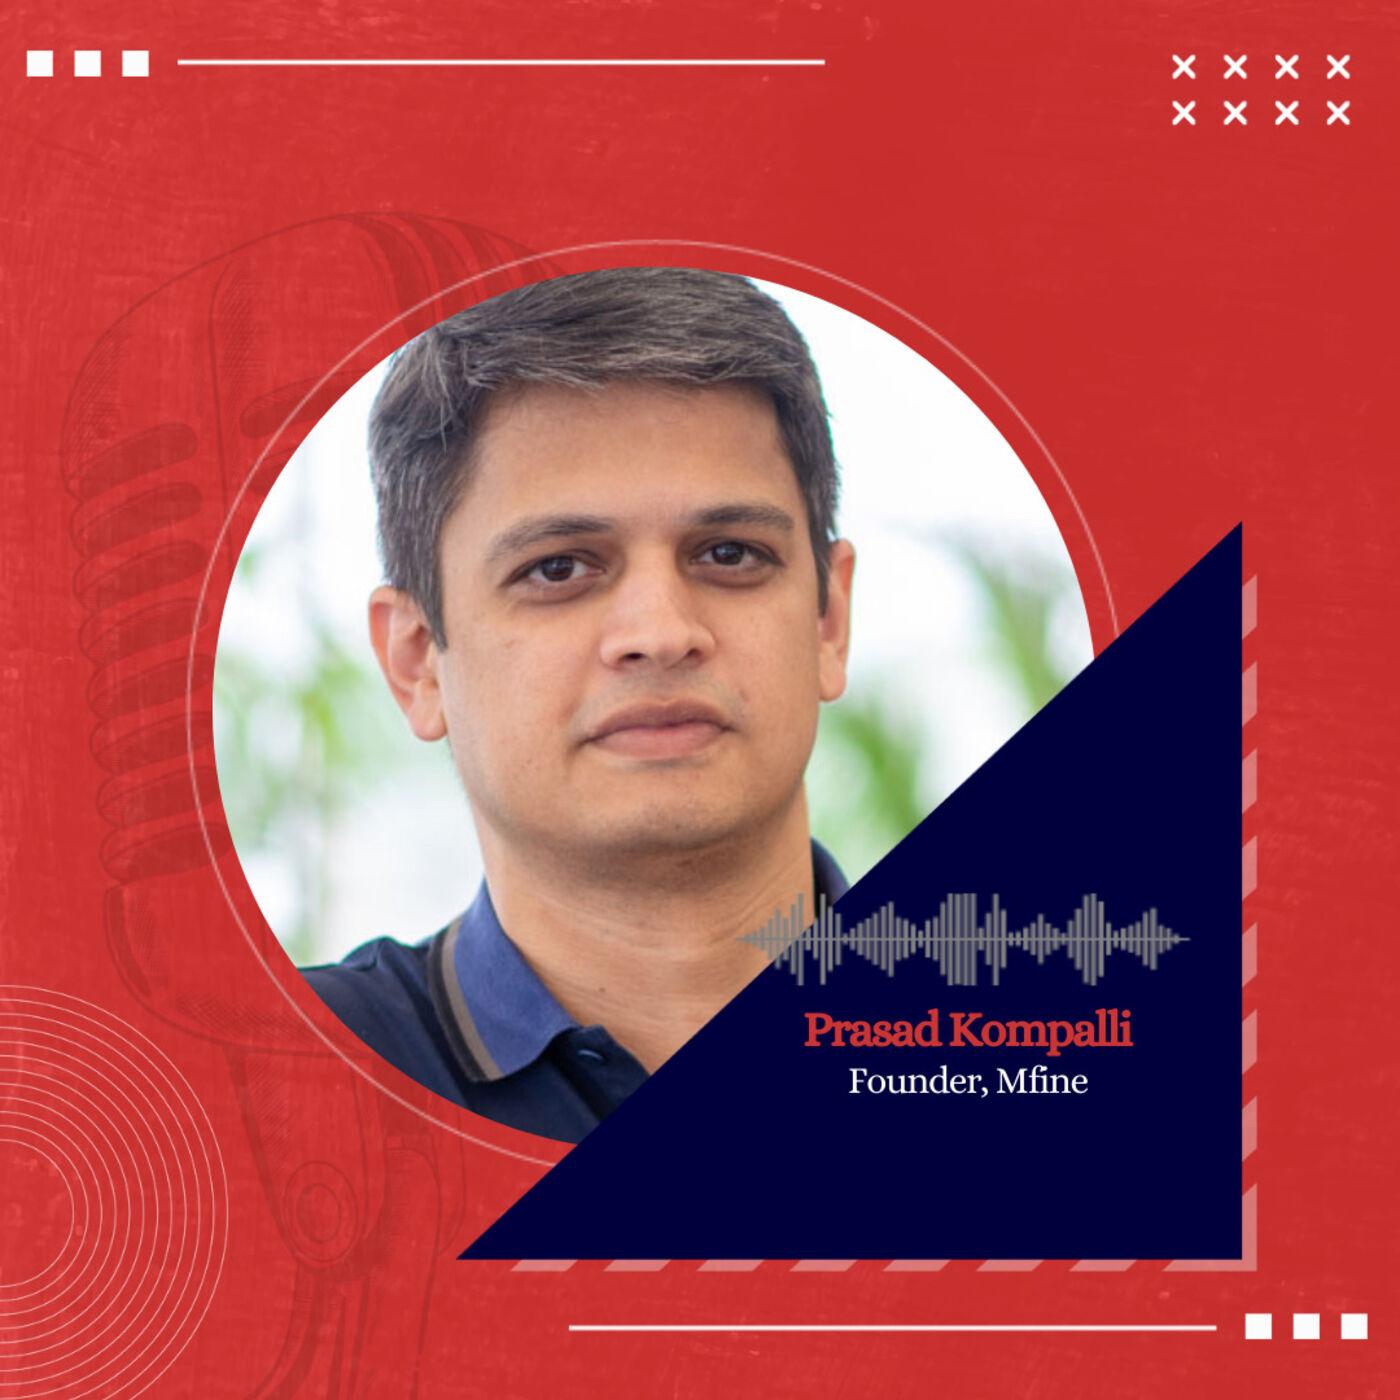 The future of Healthcare in India ft. Prasad Kompalli, Founder, Mfine